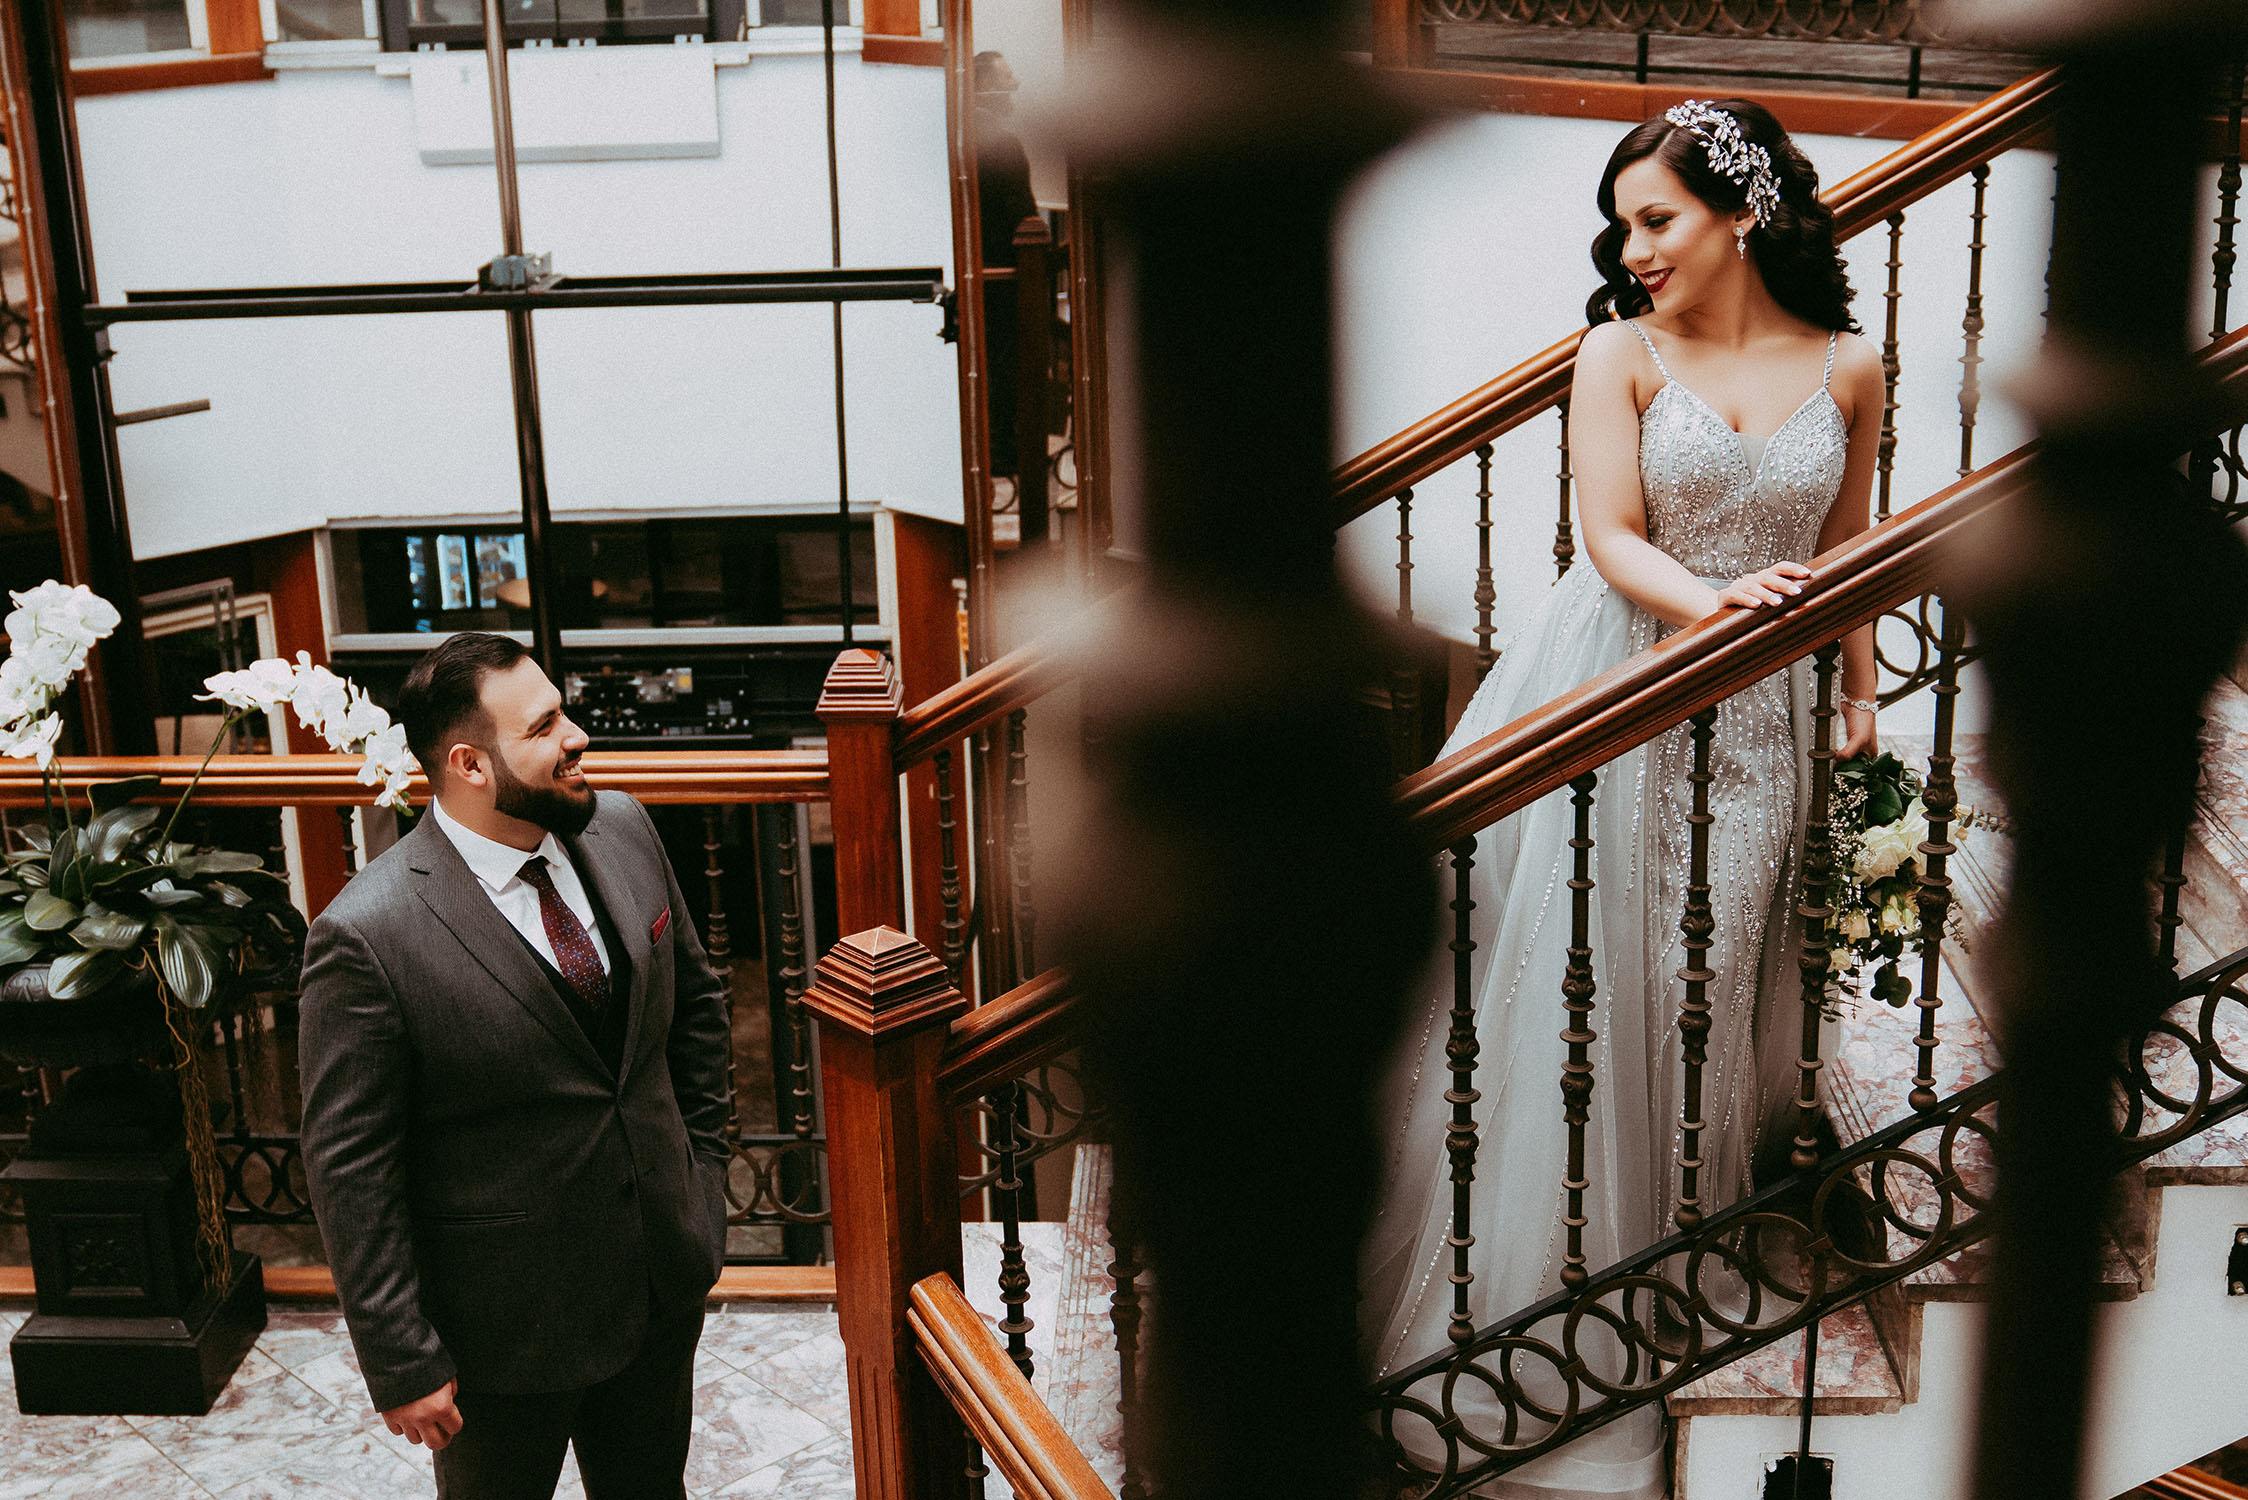 Braut und Bräutigam, die auf der Treppe sich anschauen.jpg